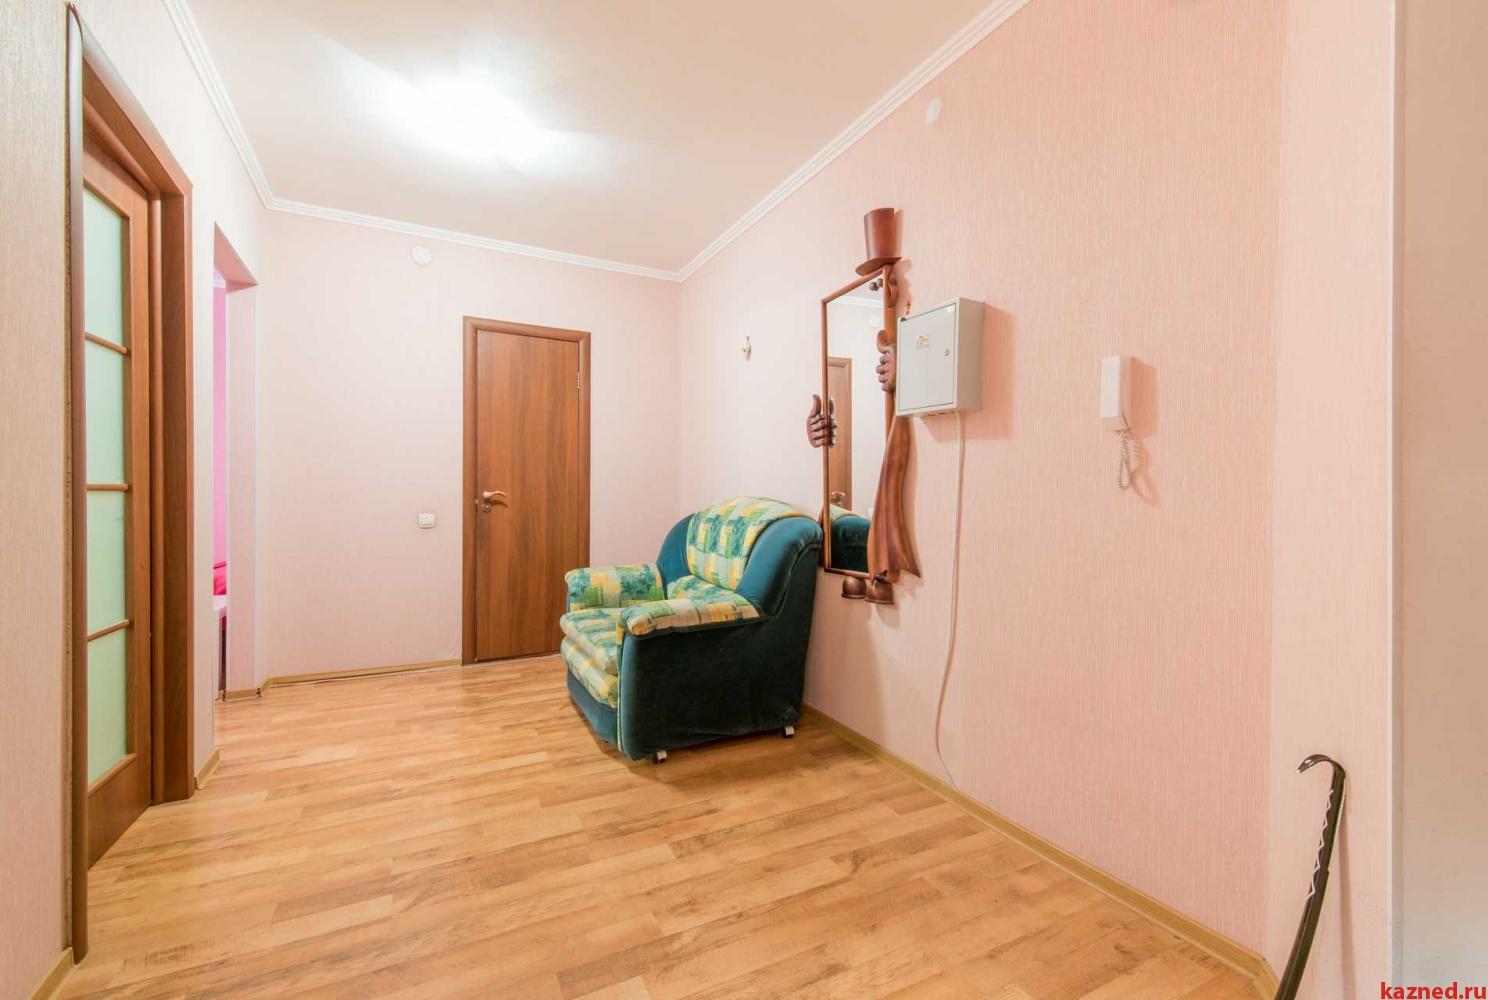 Продажа 1-к квартиры ул.Волочаевская д.6, 38 м²  (миниатюра №1)